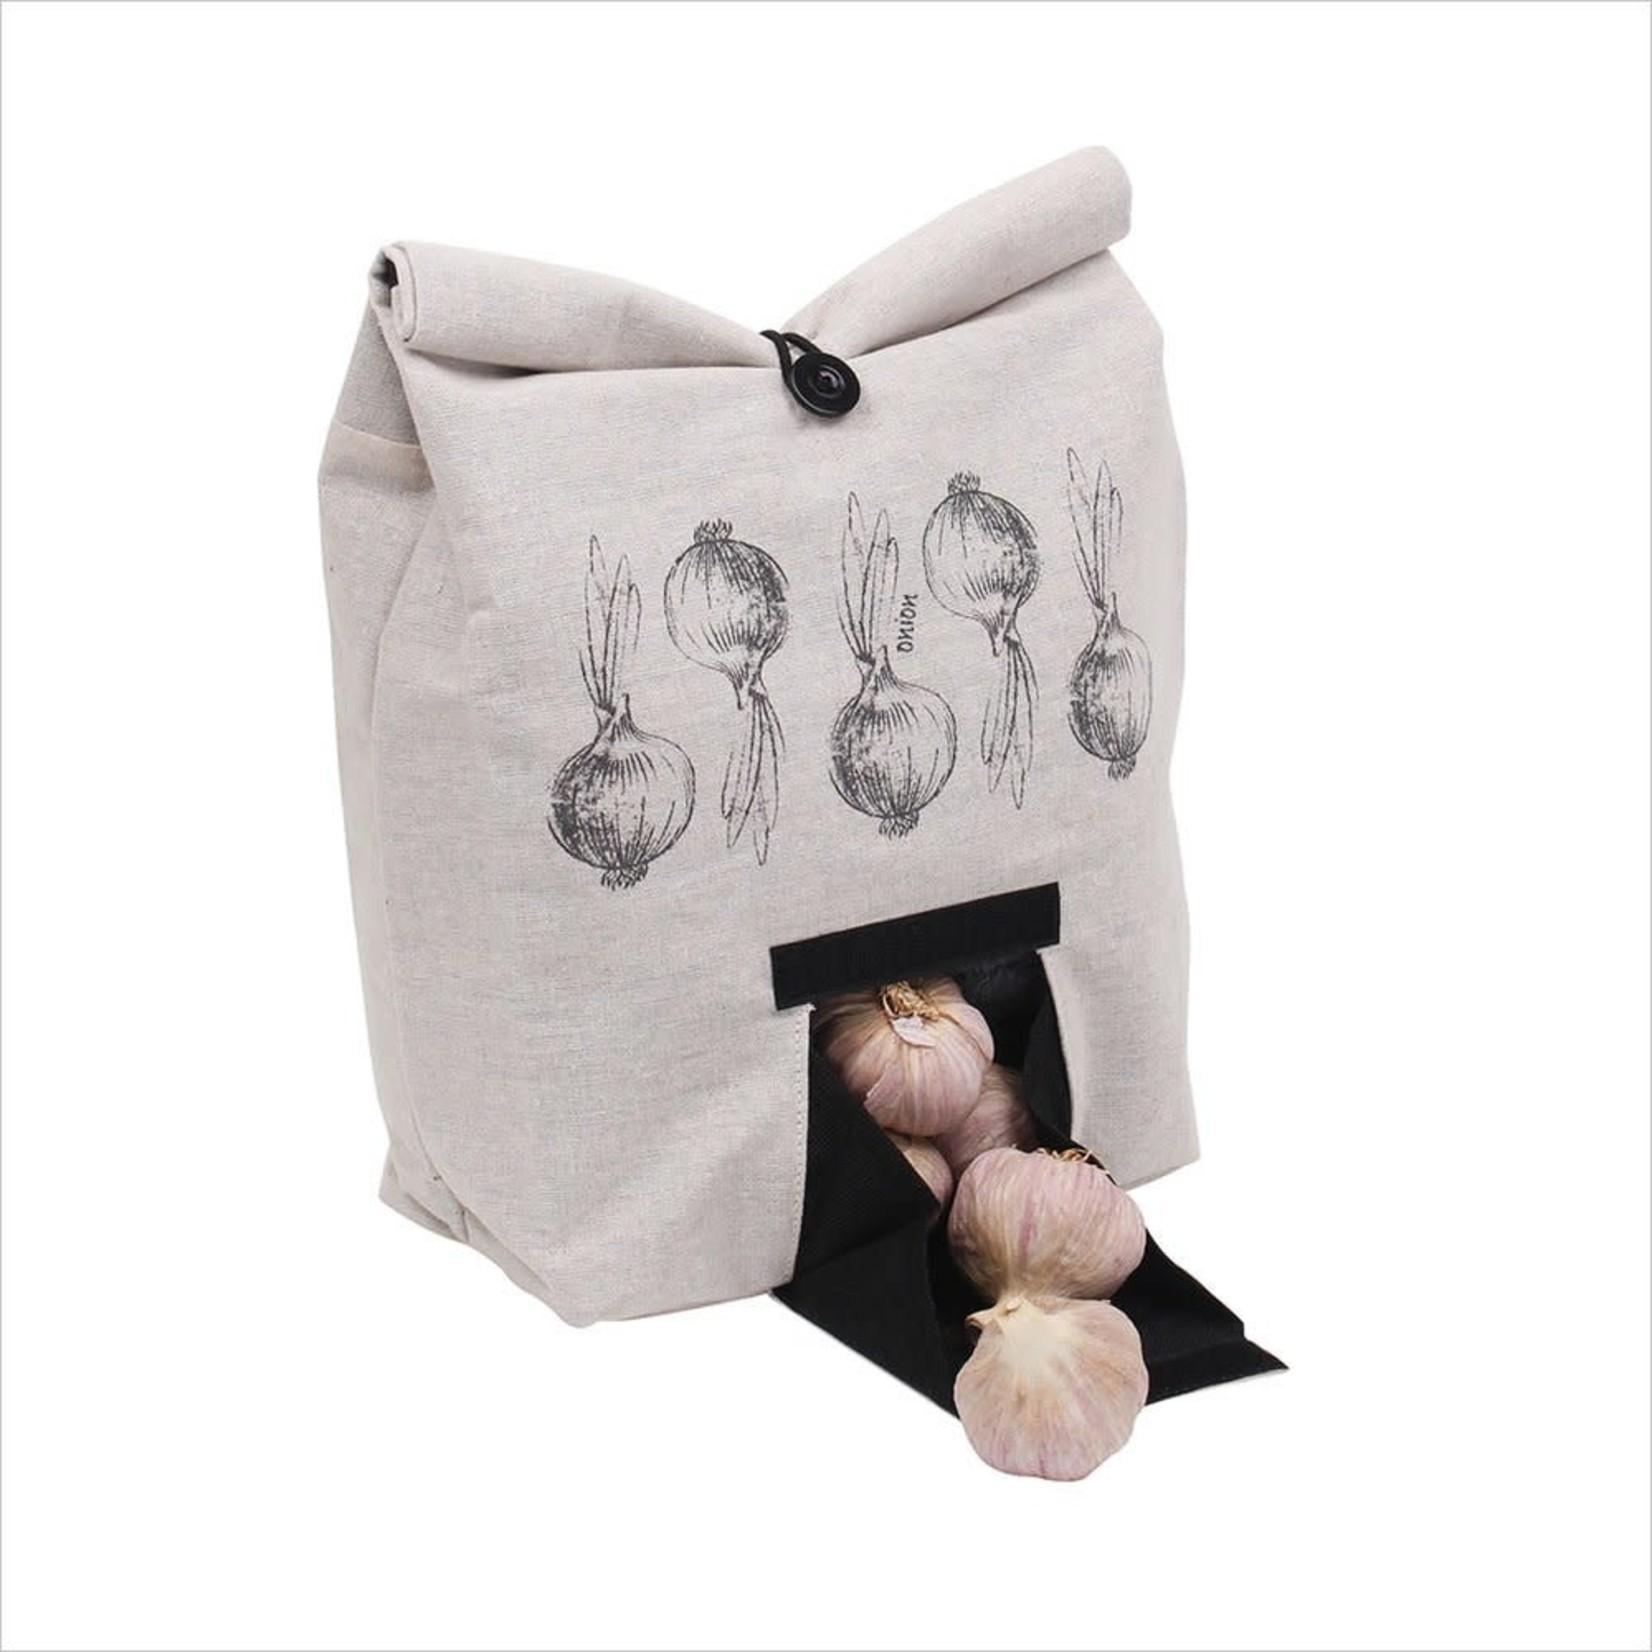 Eco Basics Eco Basics Onion Bag